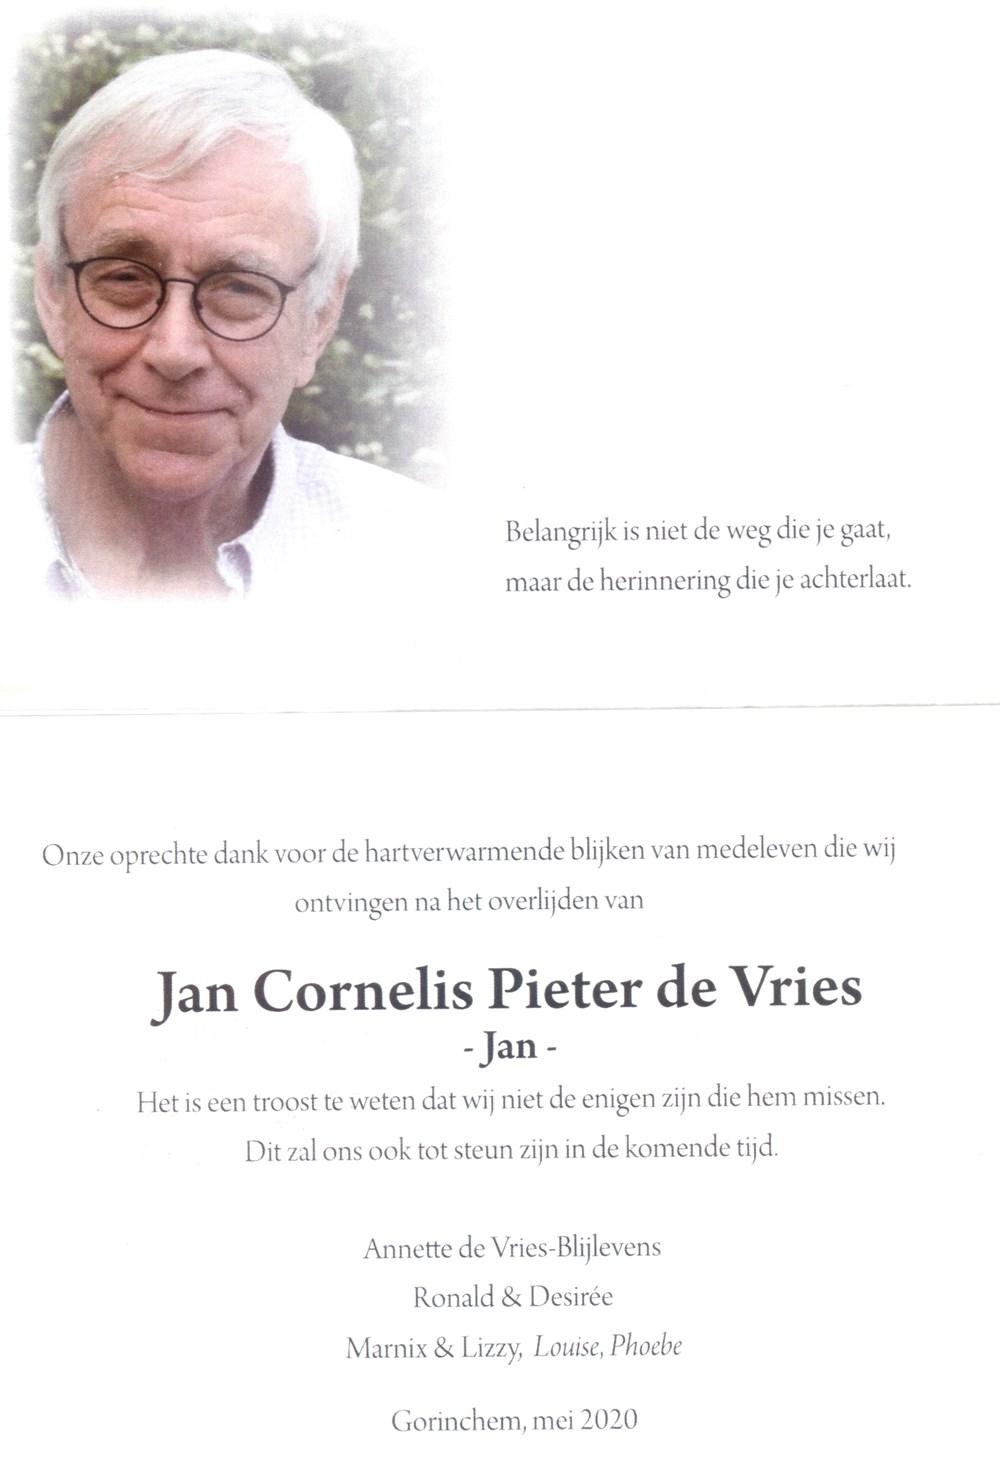 Bedankkaart-Jan-de-Vries.jpg